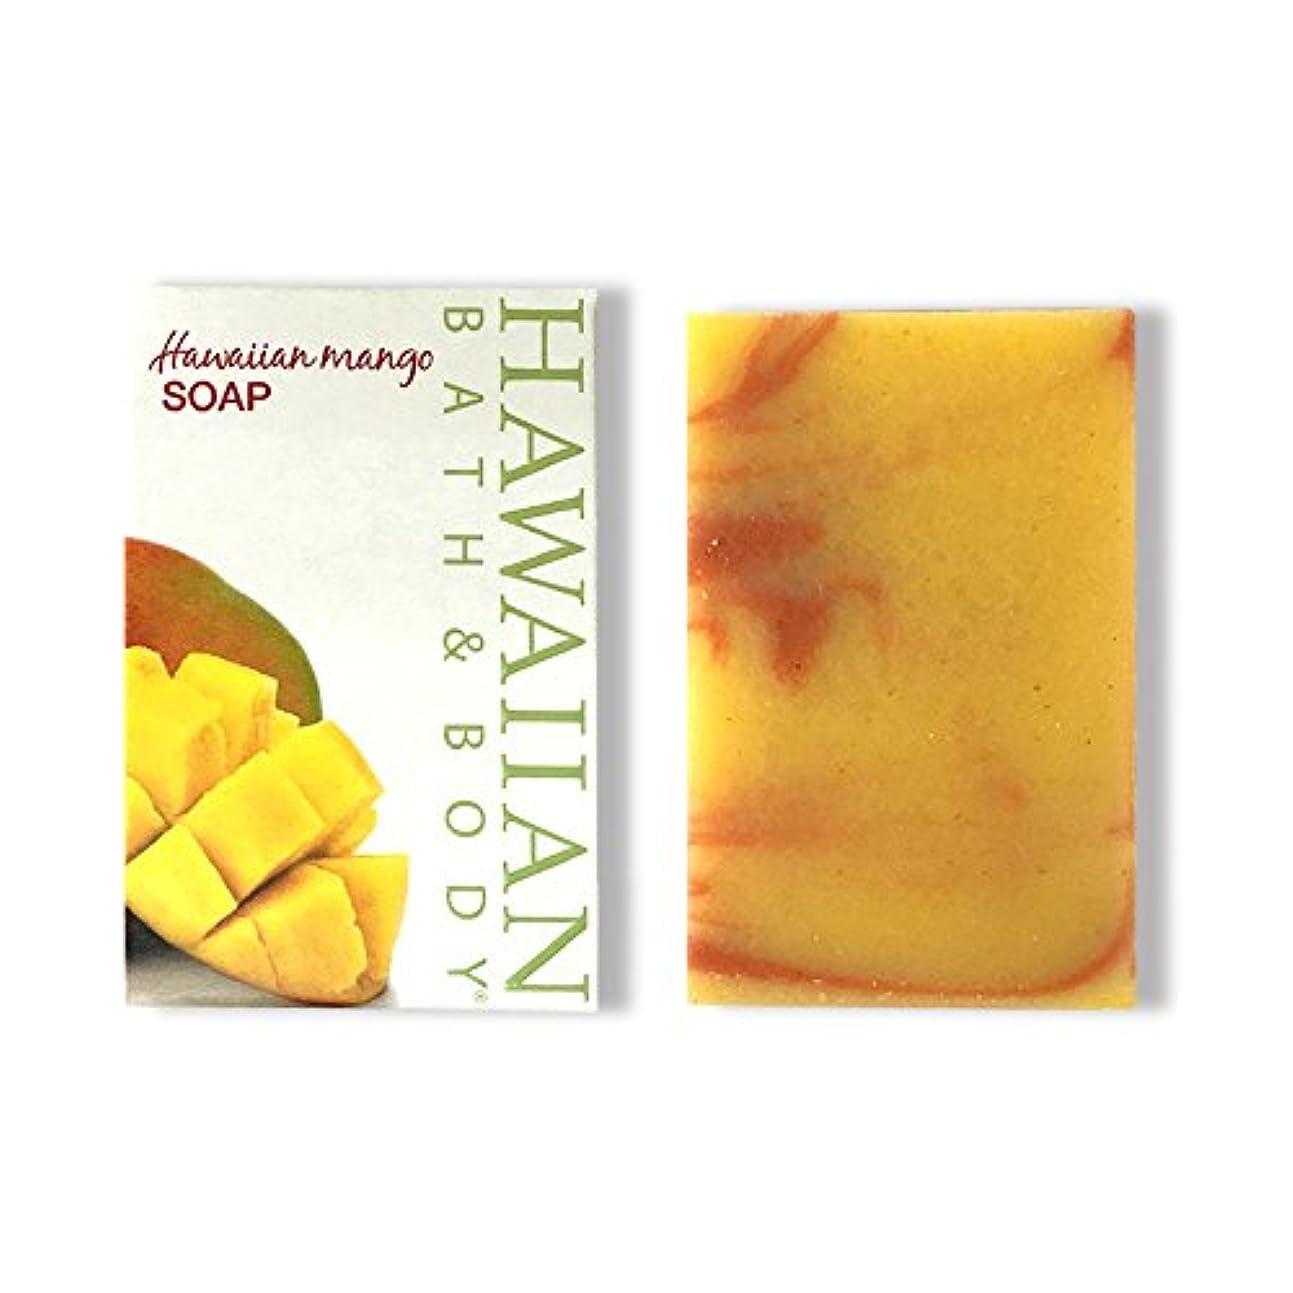 ジャケット説得力のある項目ハワイアンバス&ボディ ハワイアンマンゴーソープ ( Hawaiian Mango Soap )